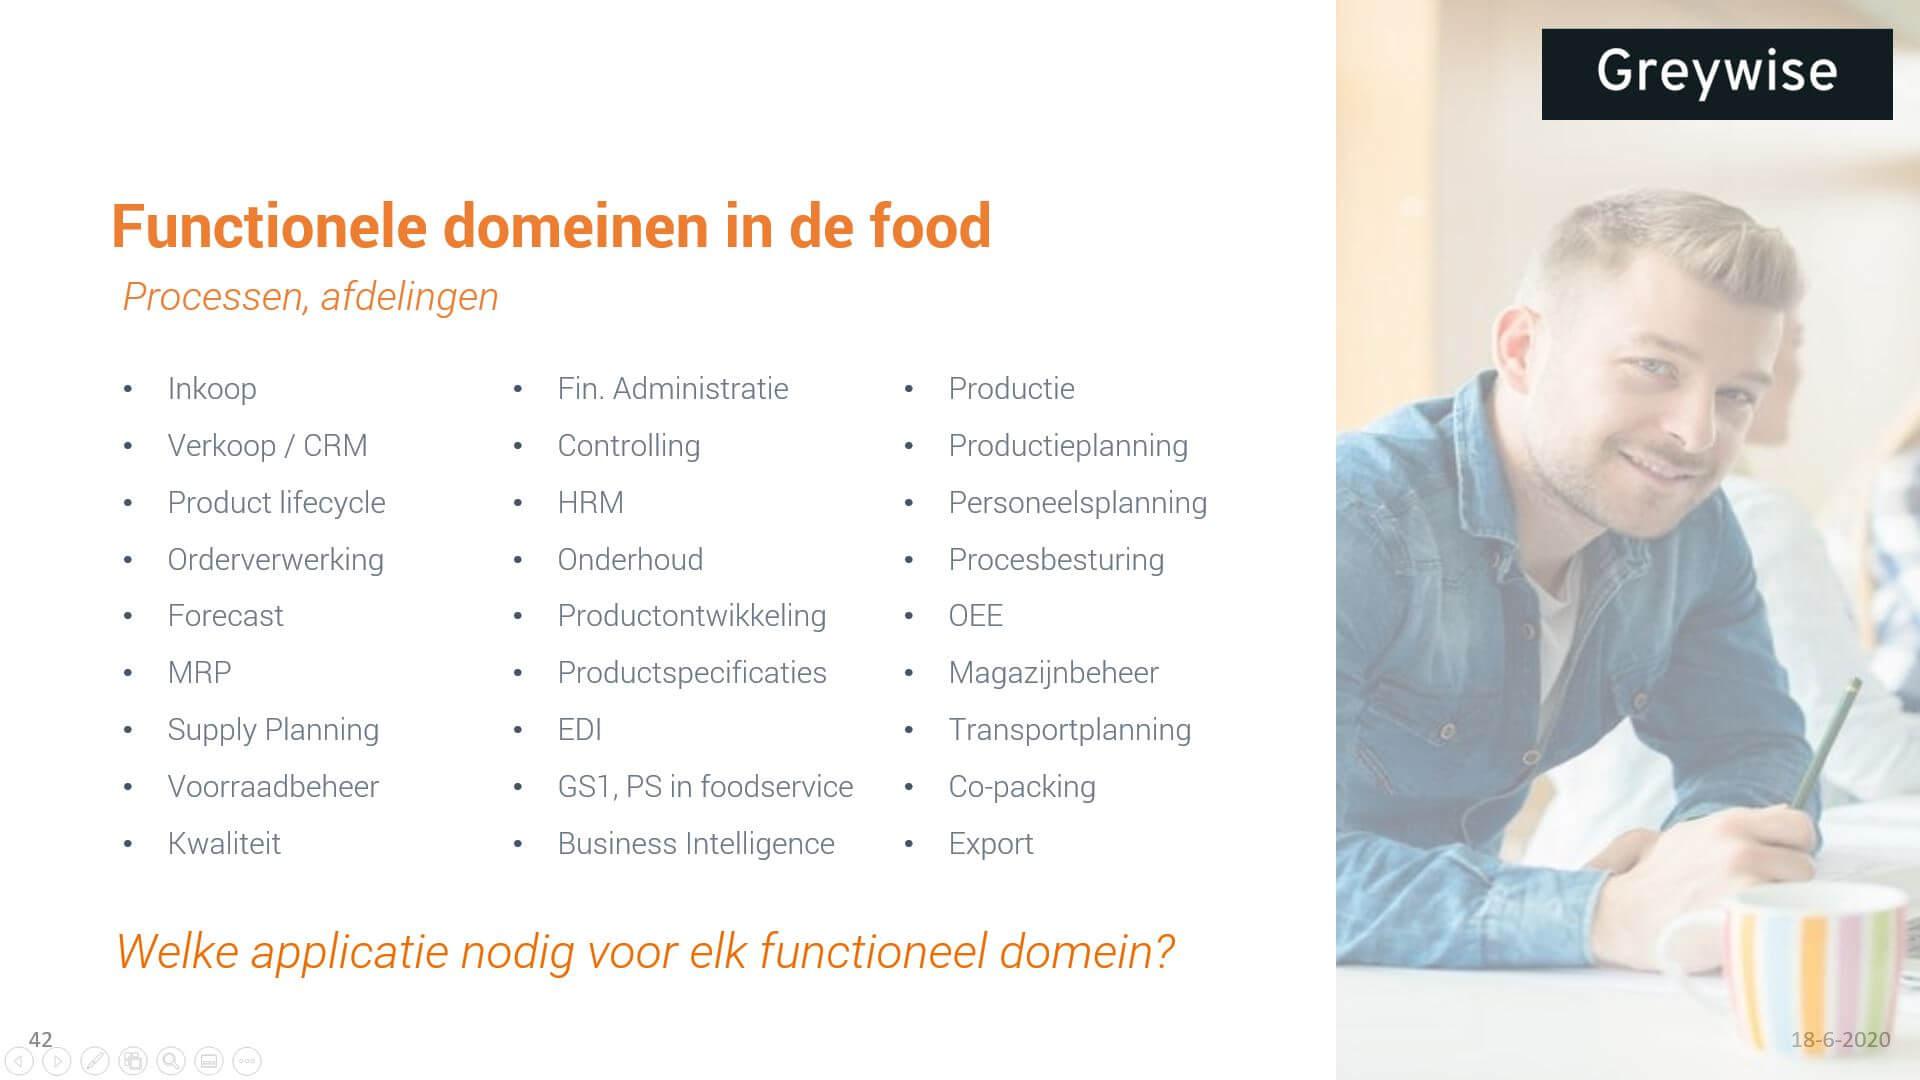 Functionale domein in food voedingsindustrie